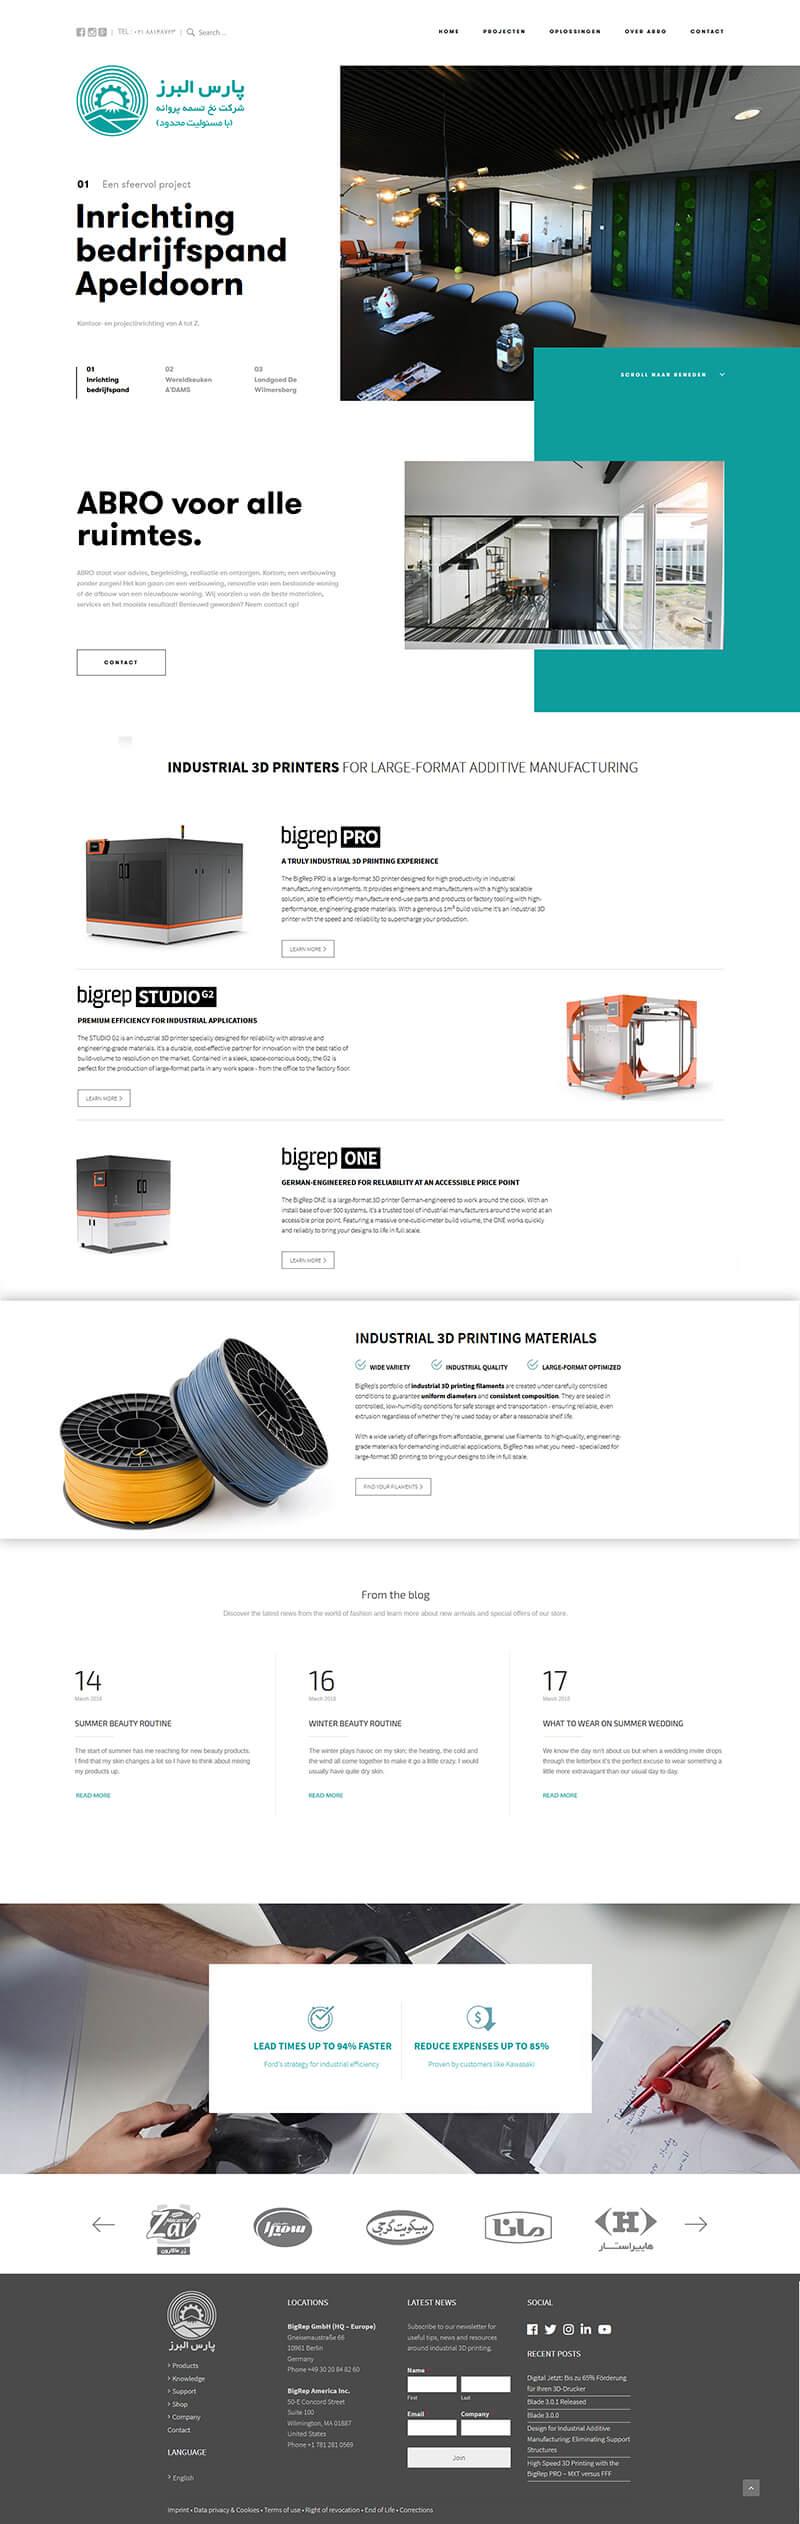 طراحی قالب سایت پارس البرز